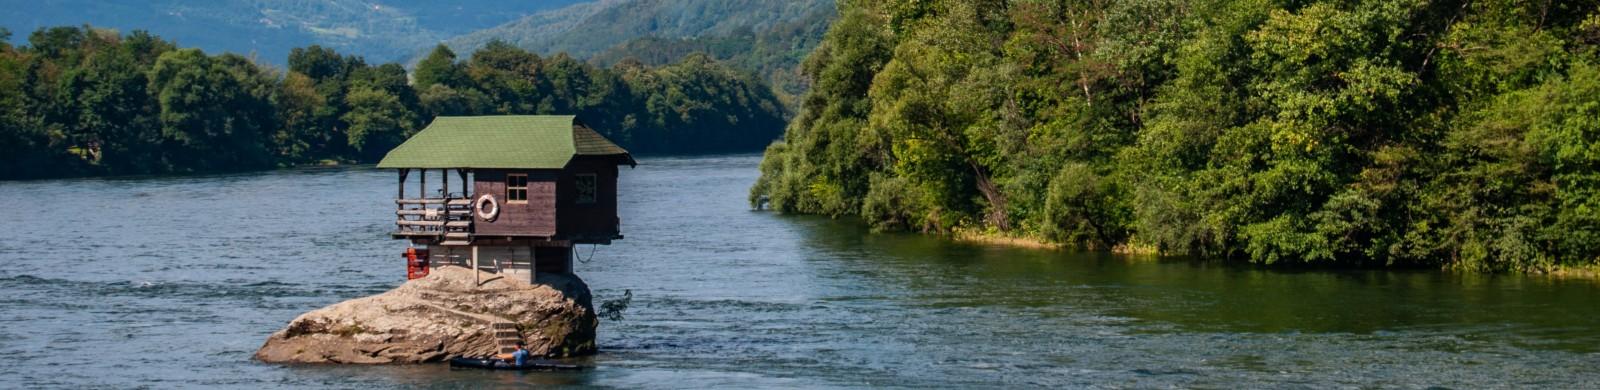 jezera i reke srbije, odmor Srbija, Drina, Srebrno jezero, Palić, Dunav